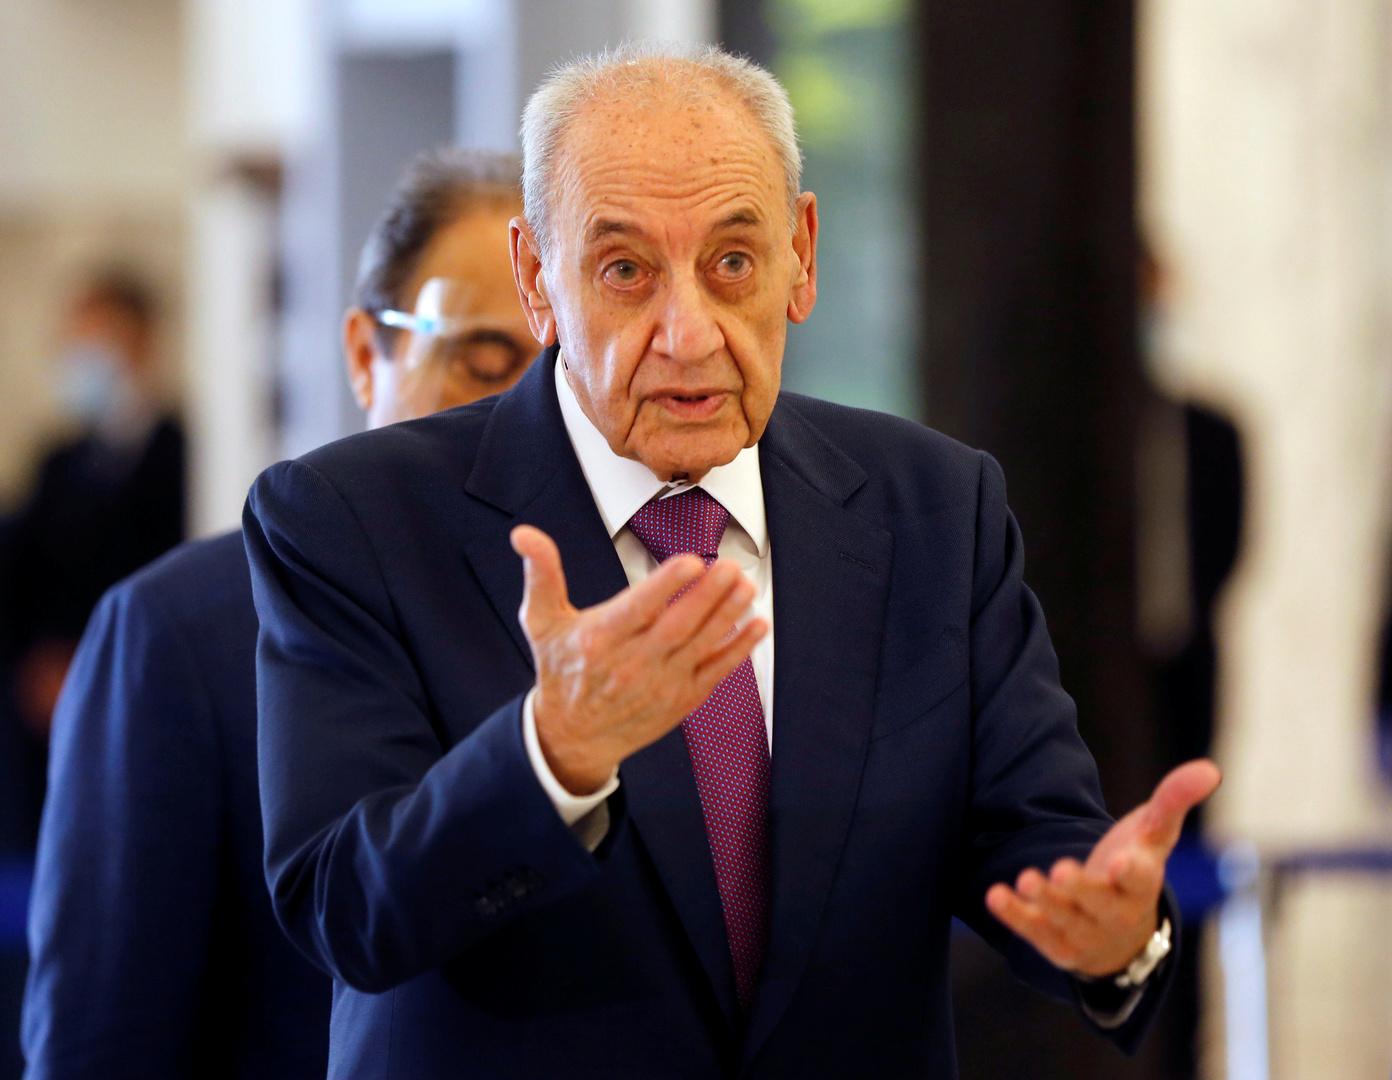 بري: البرلمان مستعد لرفع الحصانة من أجل التحقيق في انفجار مرفأ بيروت